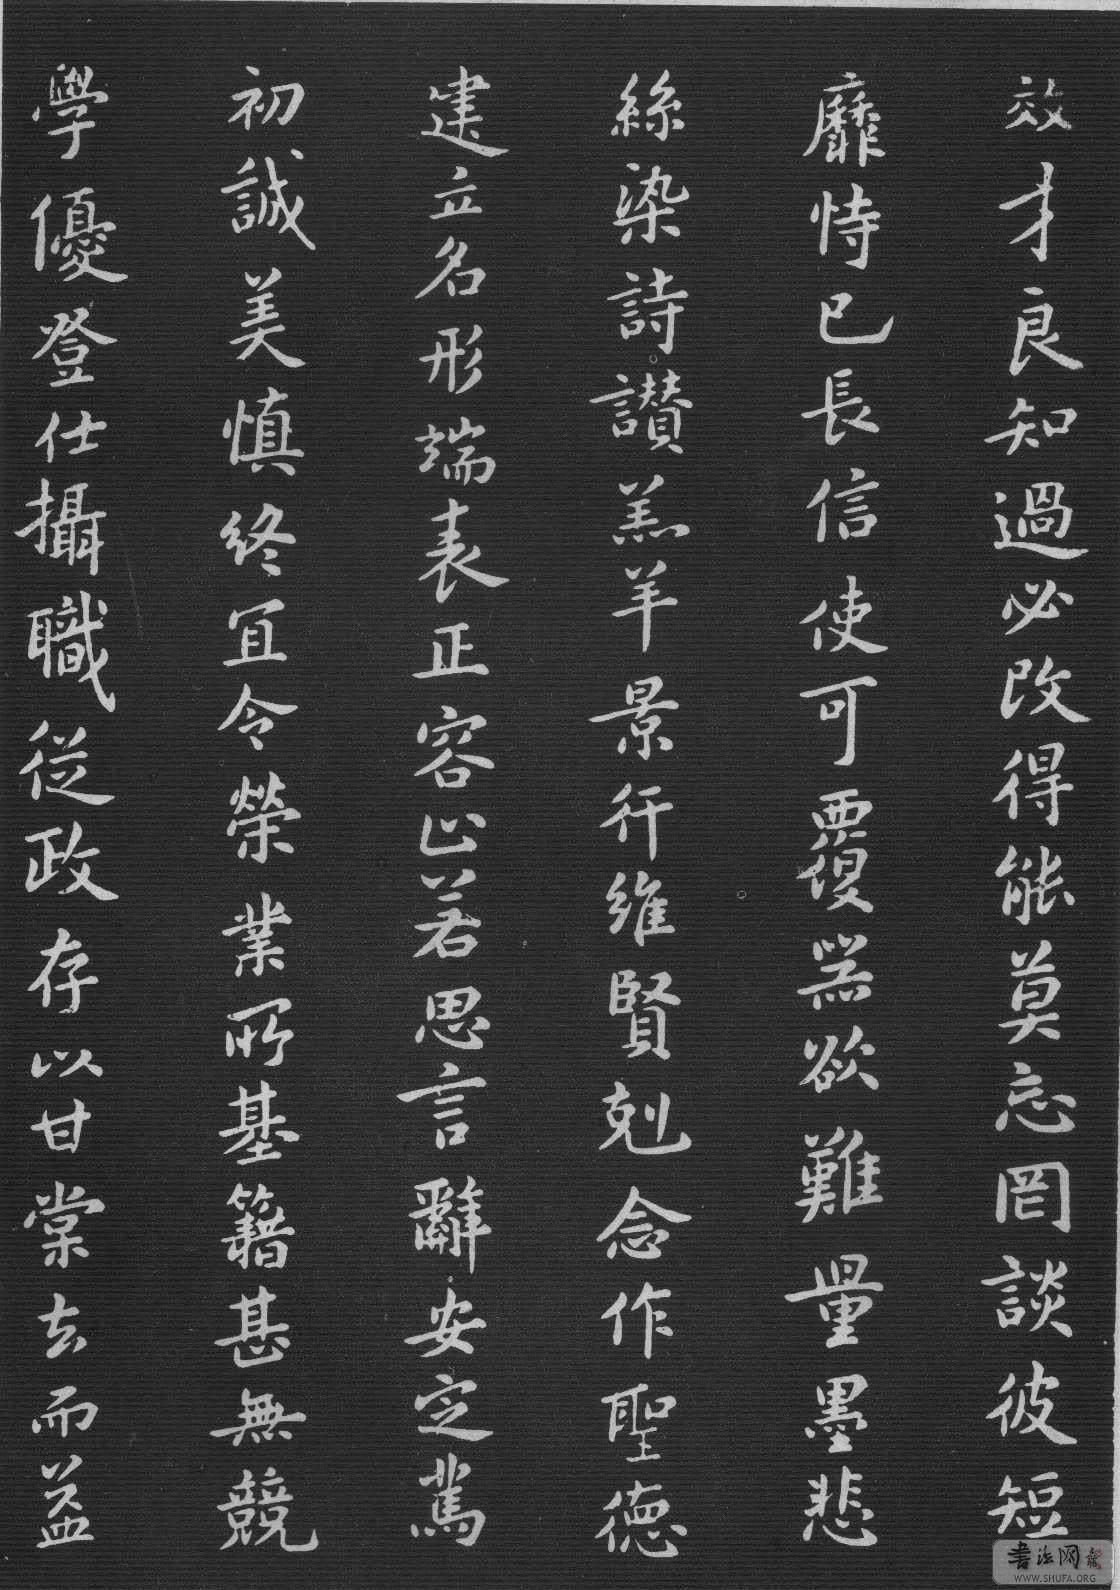 米芾小楷千字文 - 香儿 - .